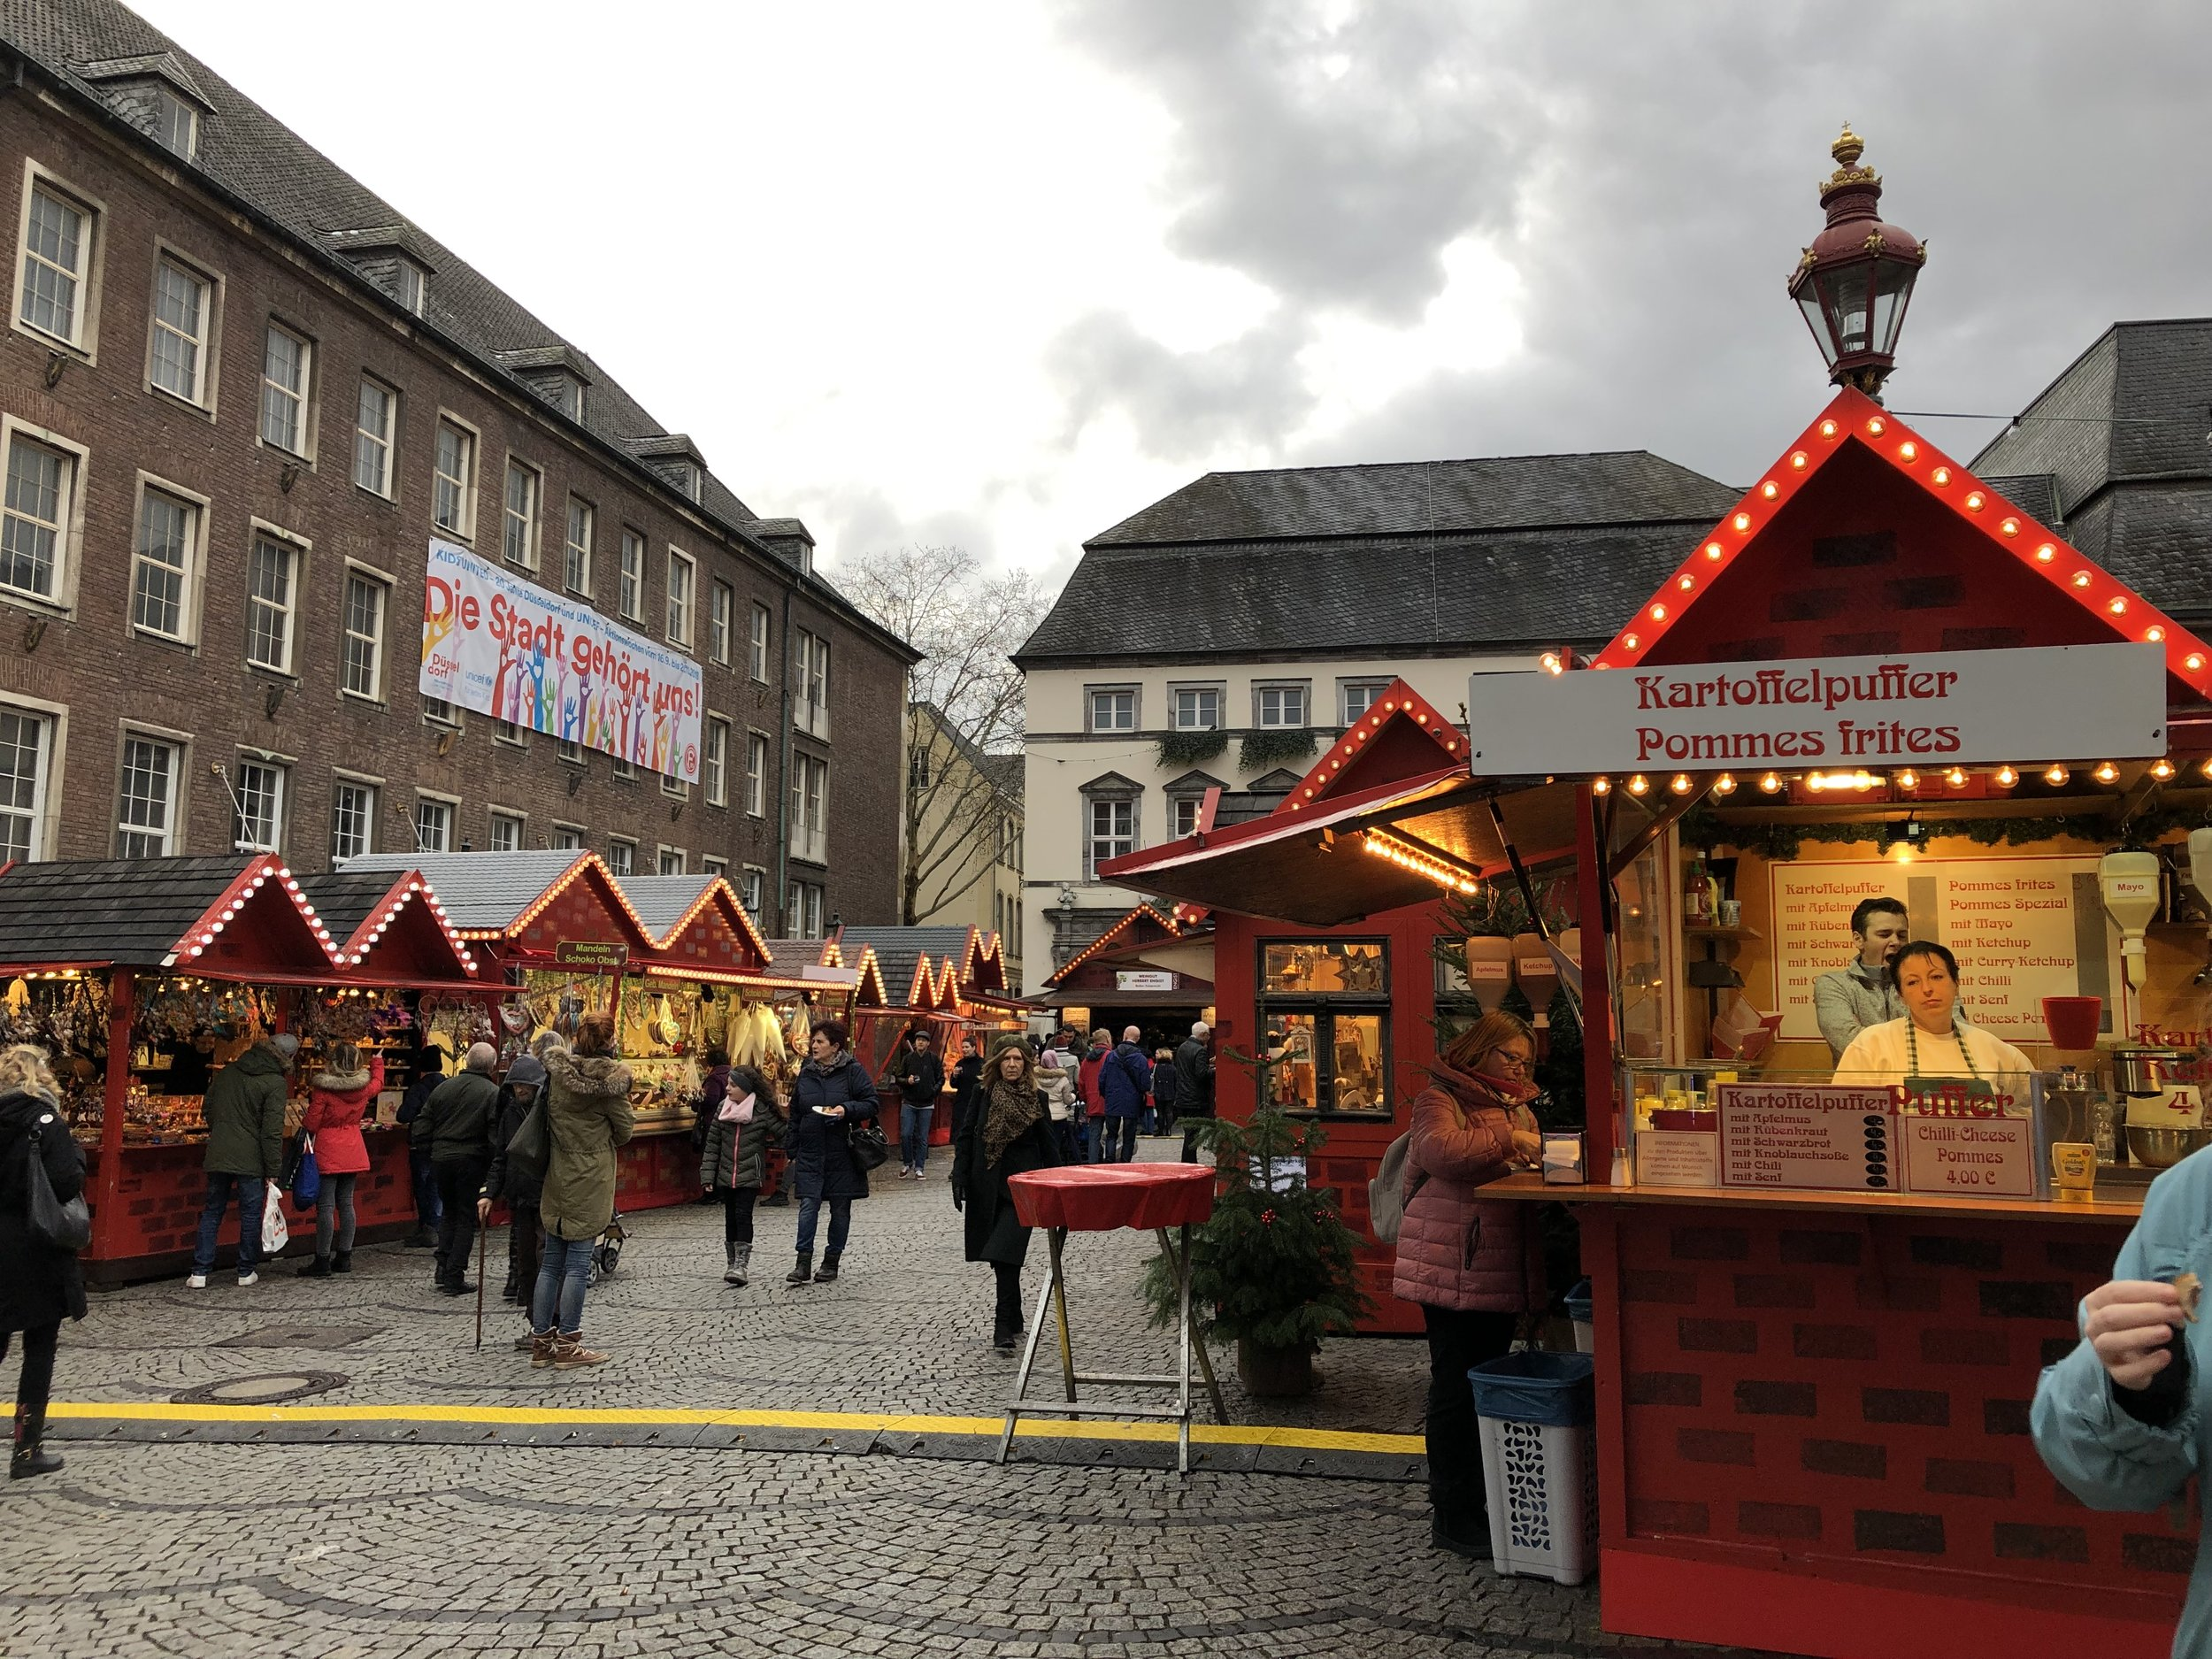 Handwerker-Markt (Handmade market)